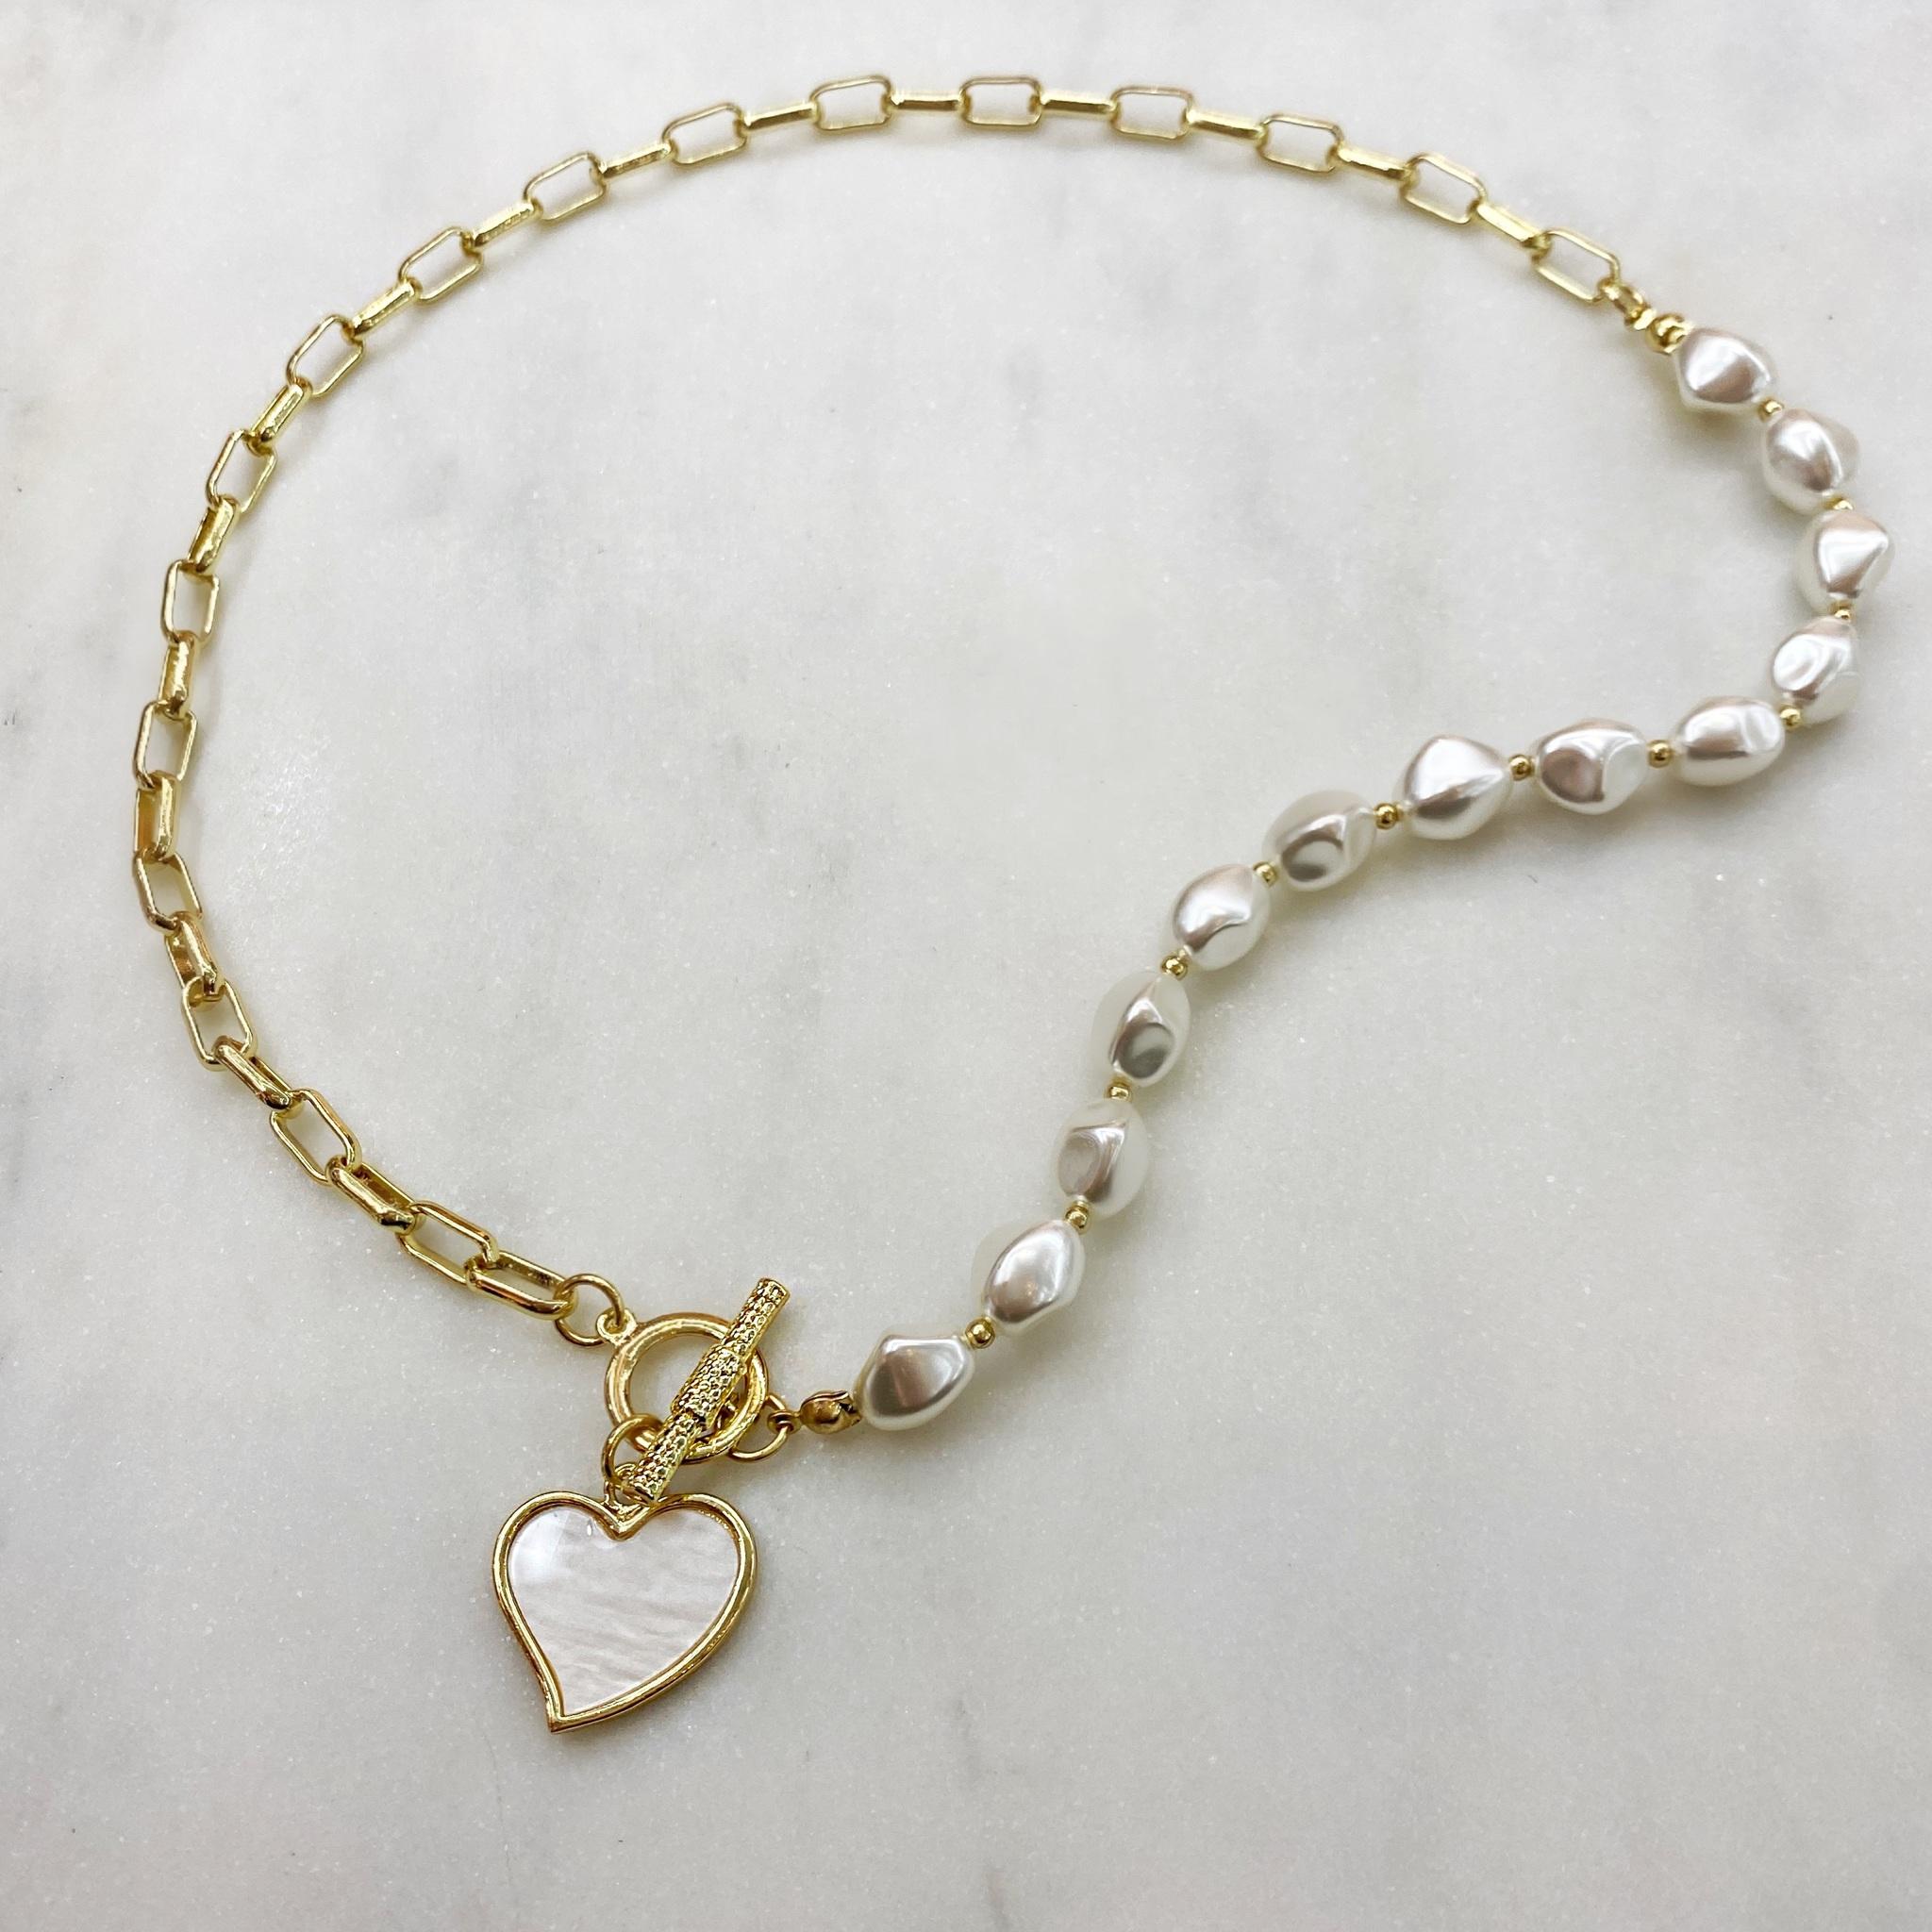 Колье-цепь с жемчужинами и подвеской-сердечком (золотистый)